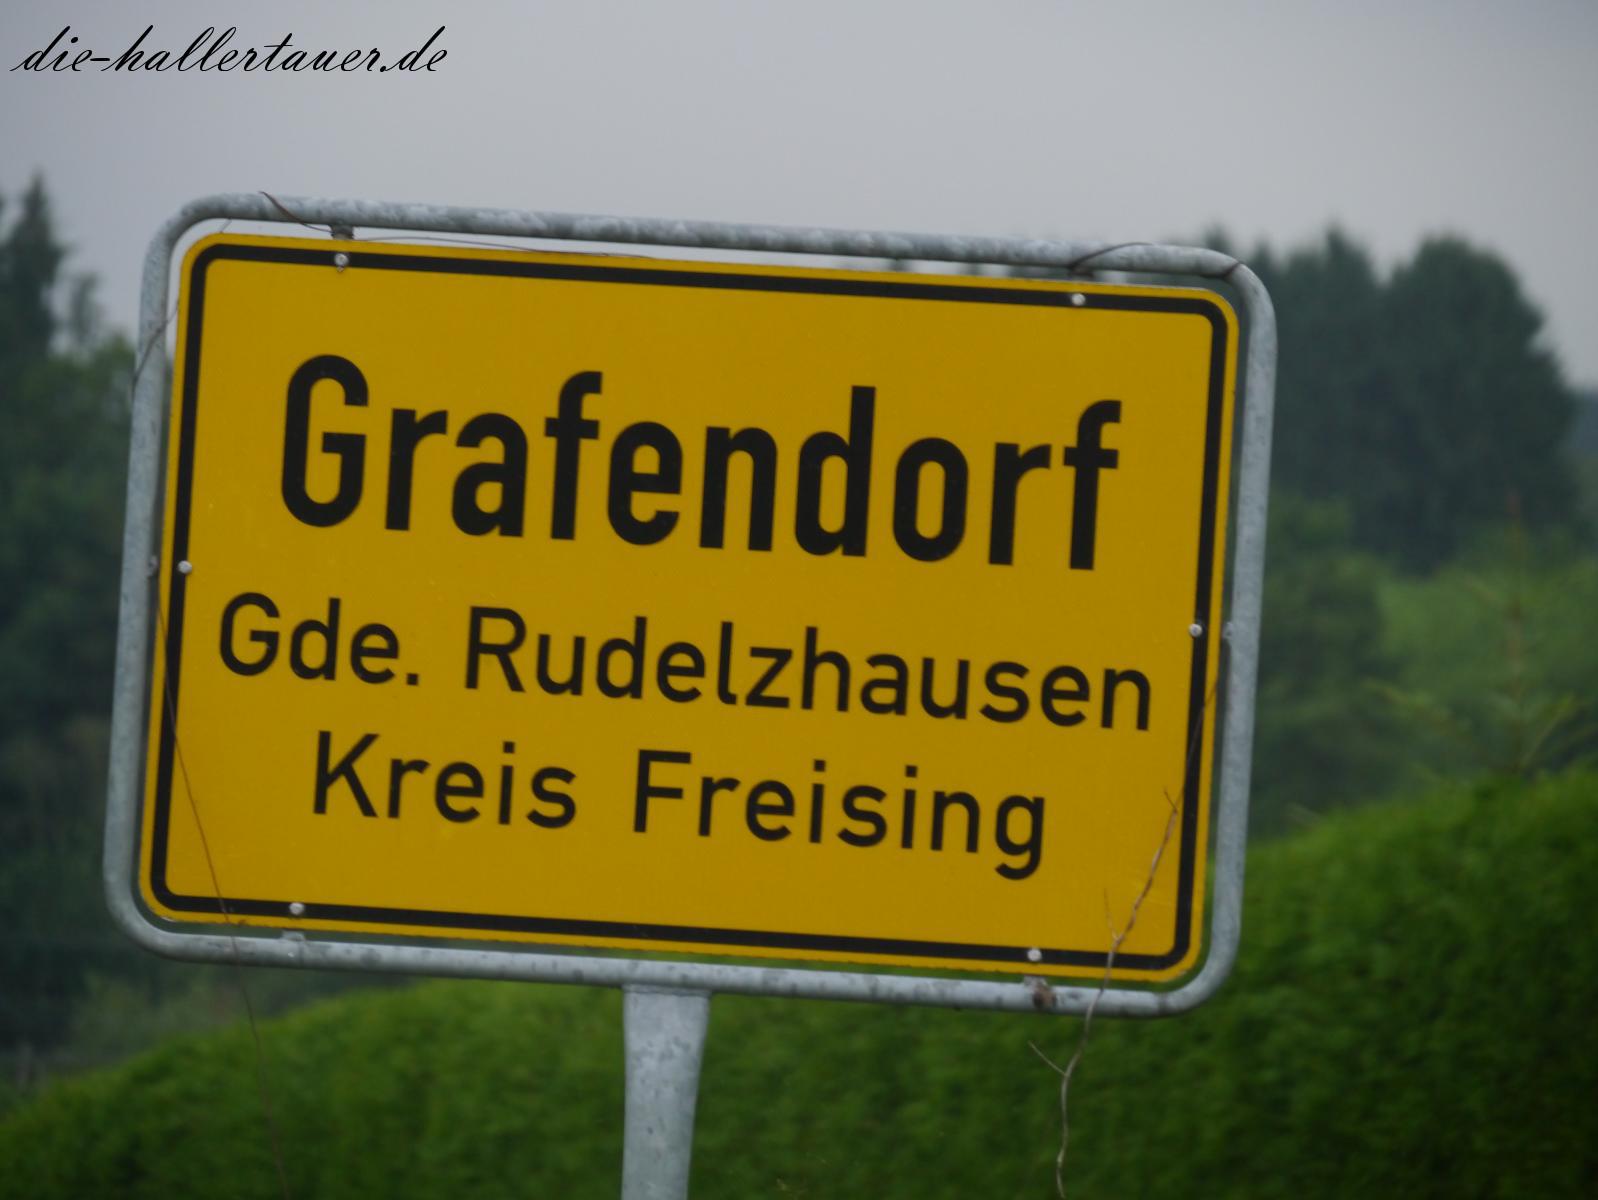 Hallertau Grafendorf